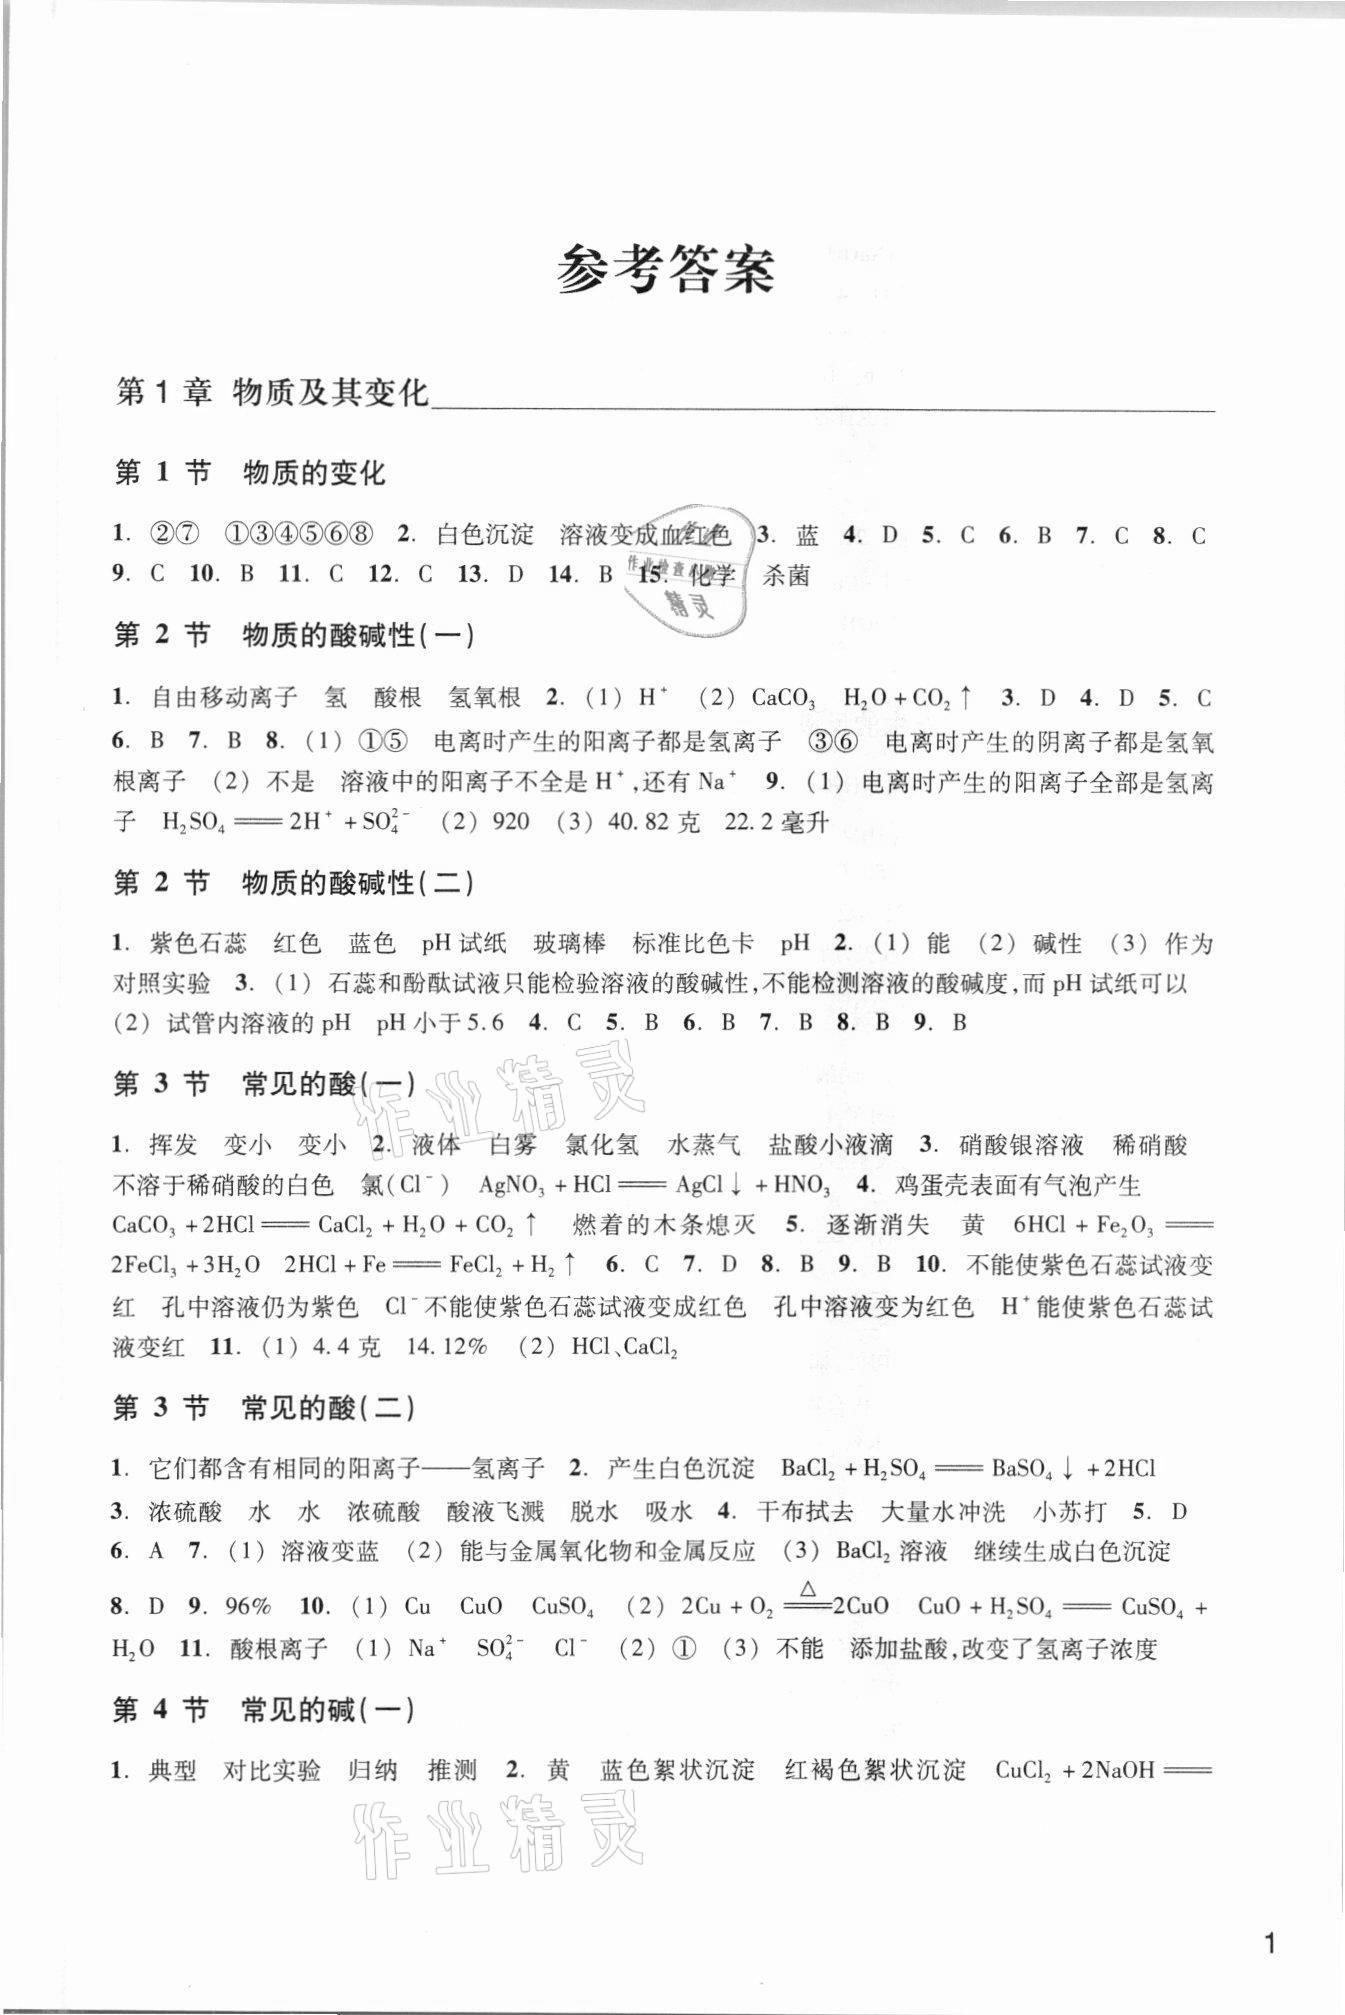 2021年科學作業本浙江教育出版社九年級上冊浙教版第1頁